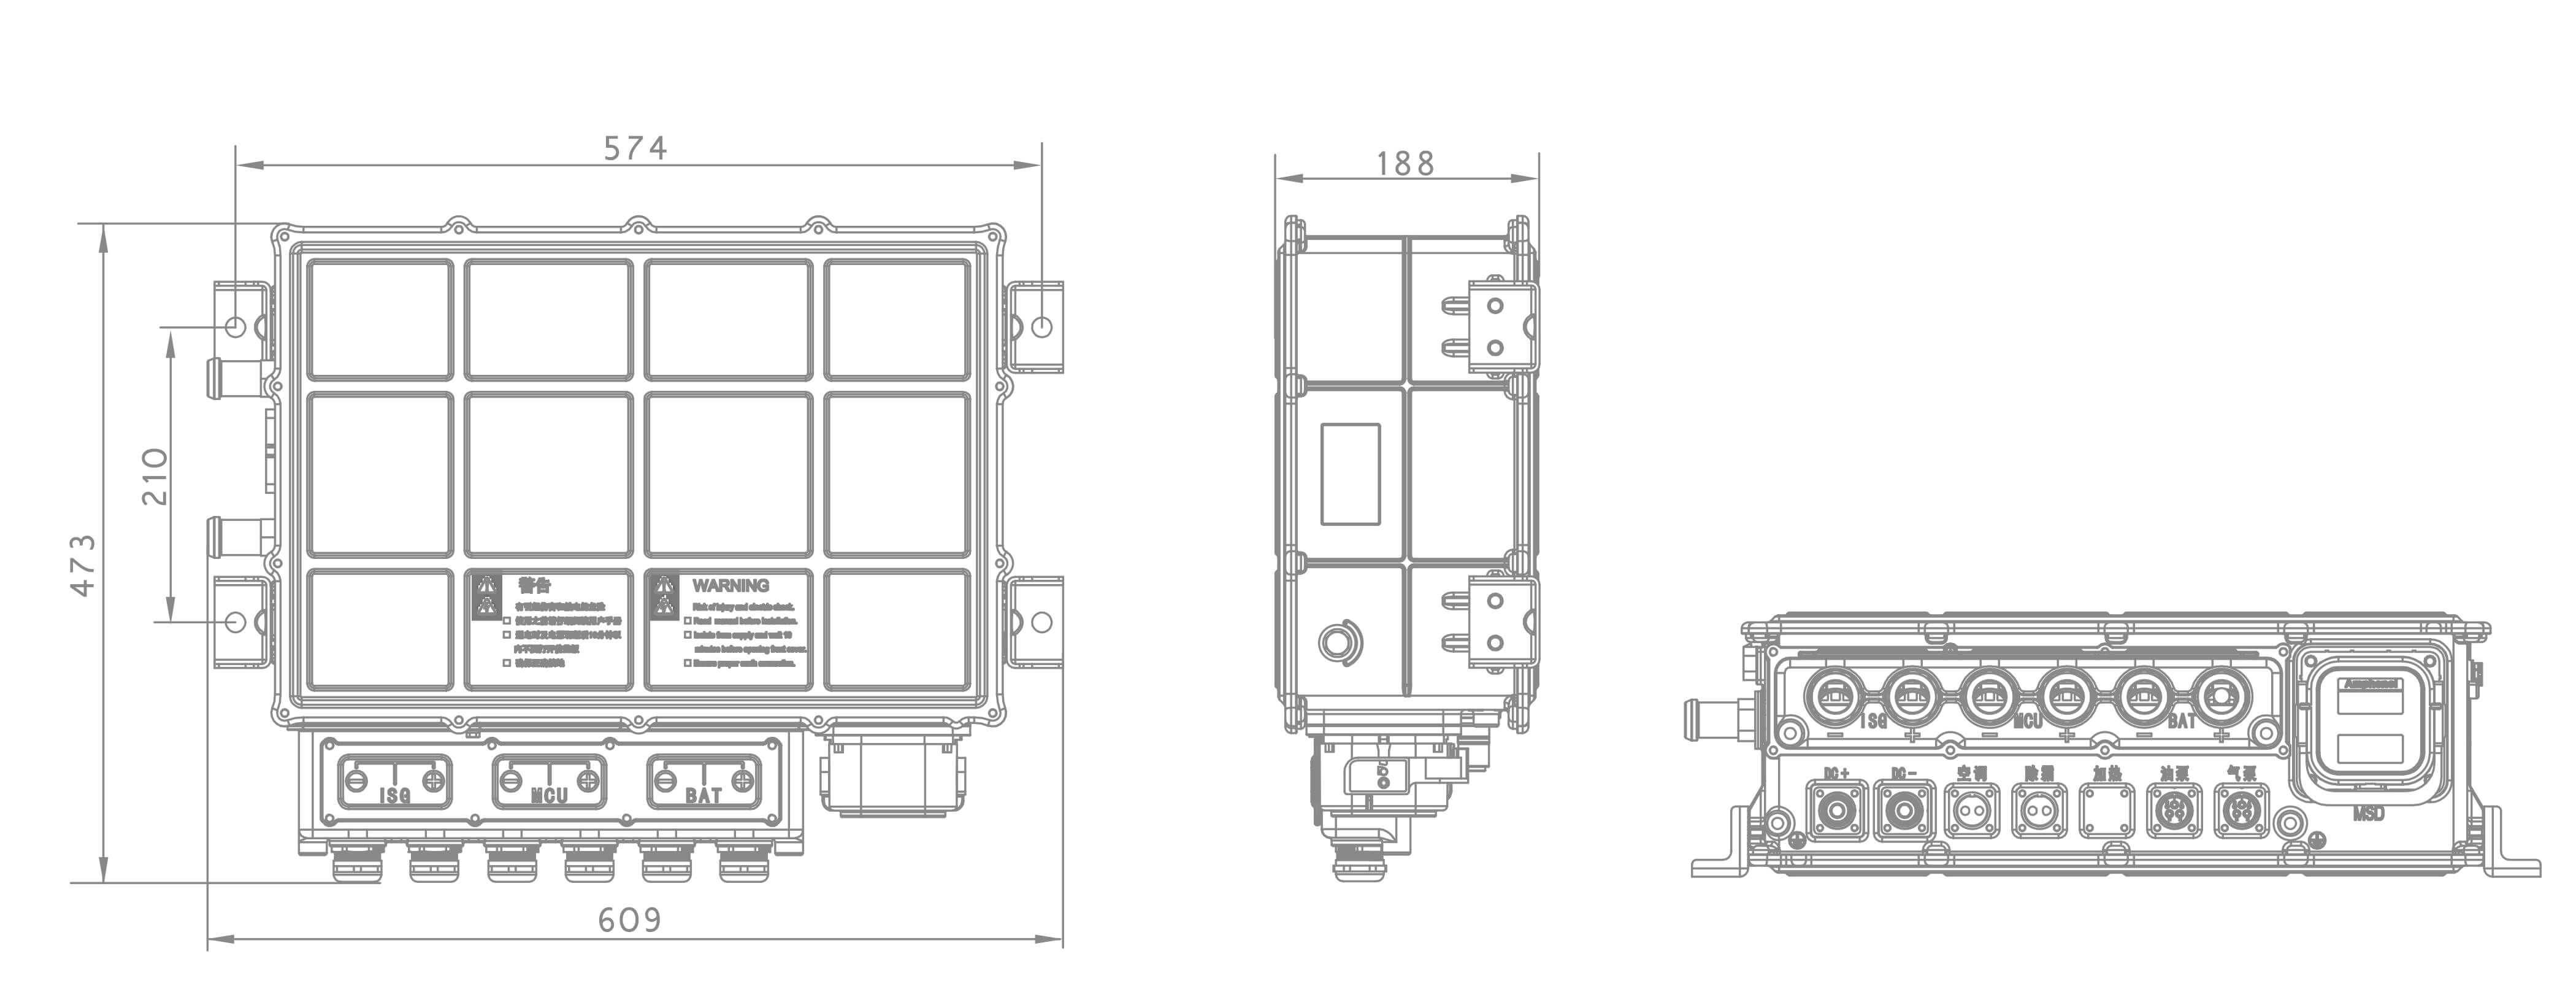 V6-H-4D5.5G & V6-H-4D5.5G